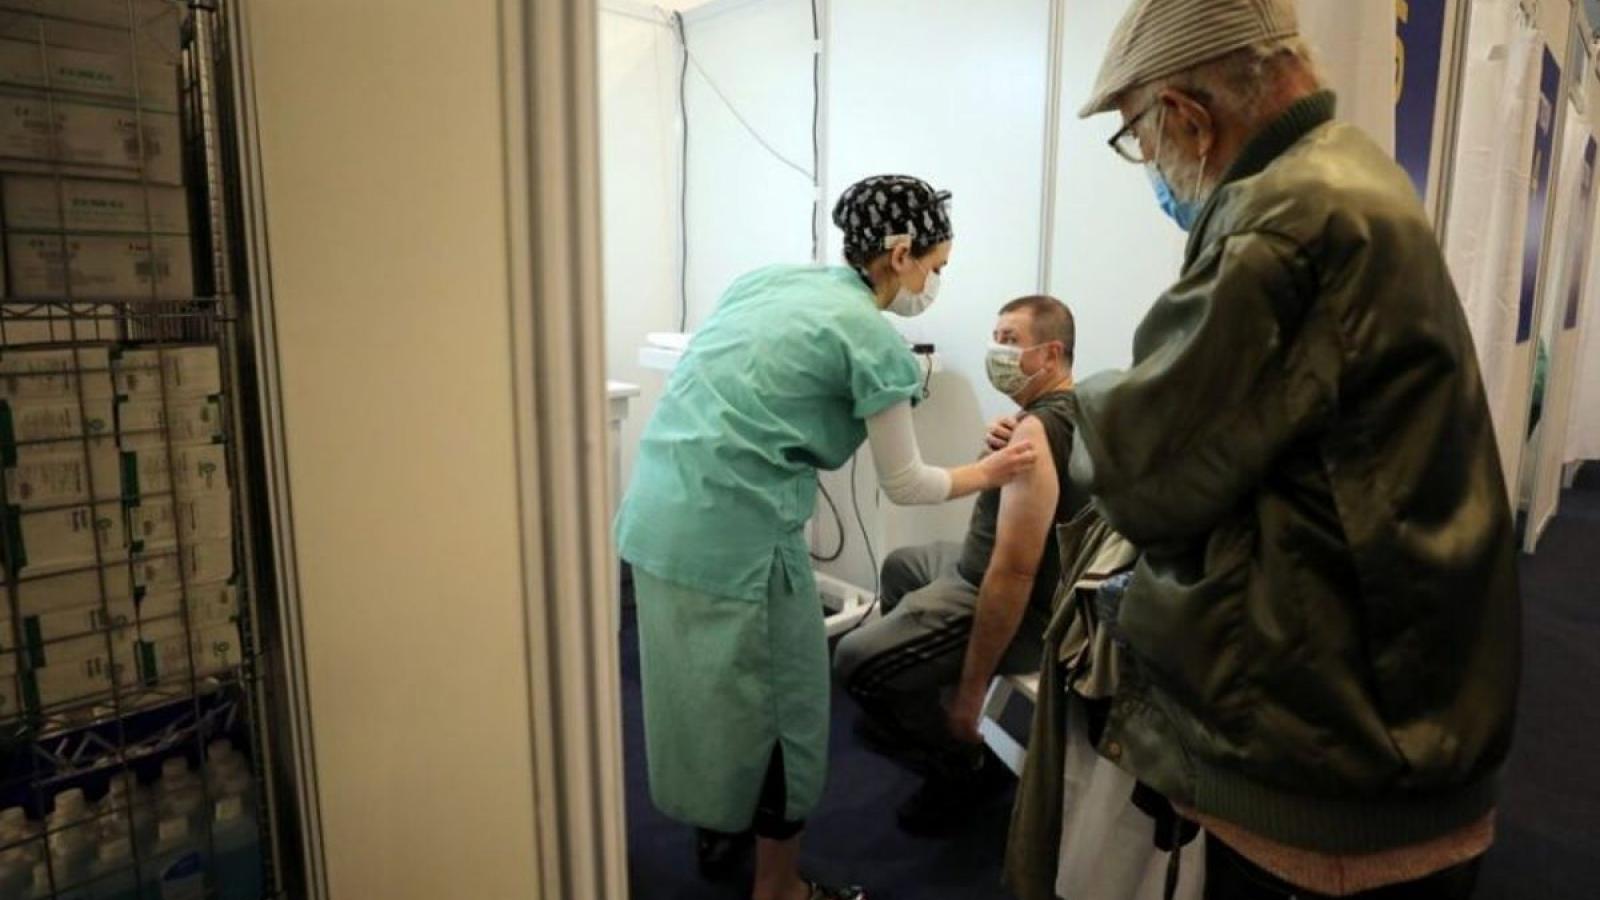 Hơn một nửa dân số Israel được tiêm phòng Covid-19: Cuộc sống bình thường không còn xa